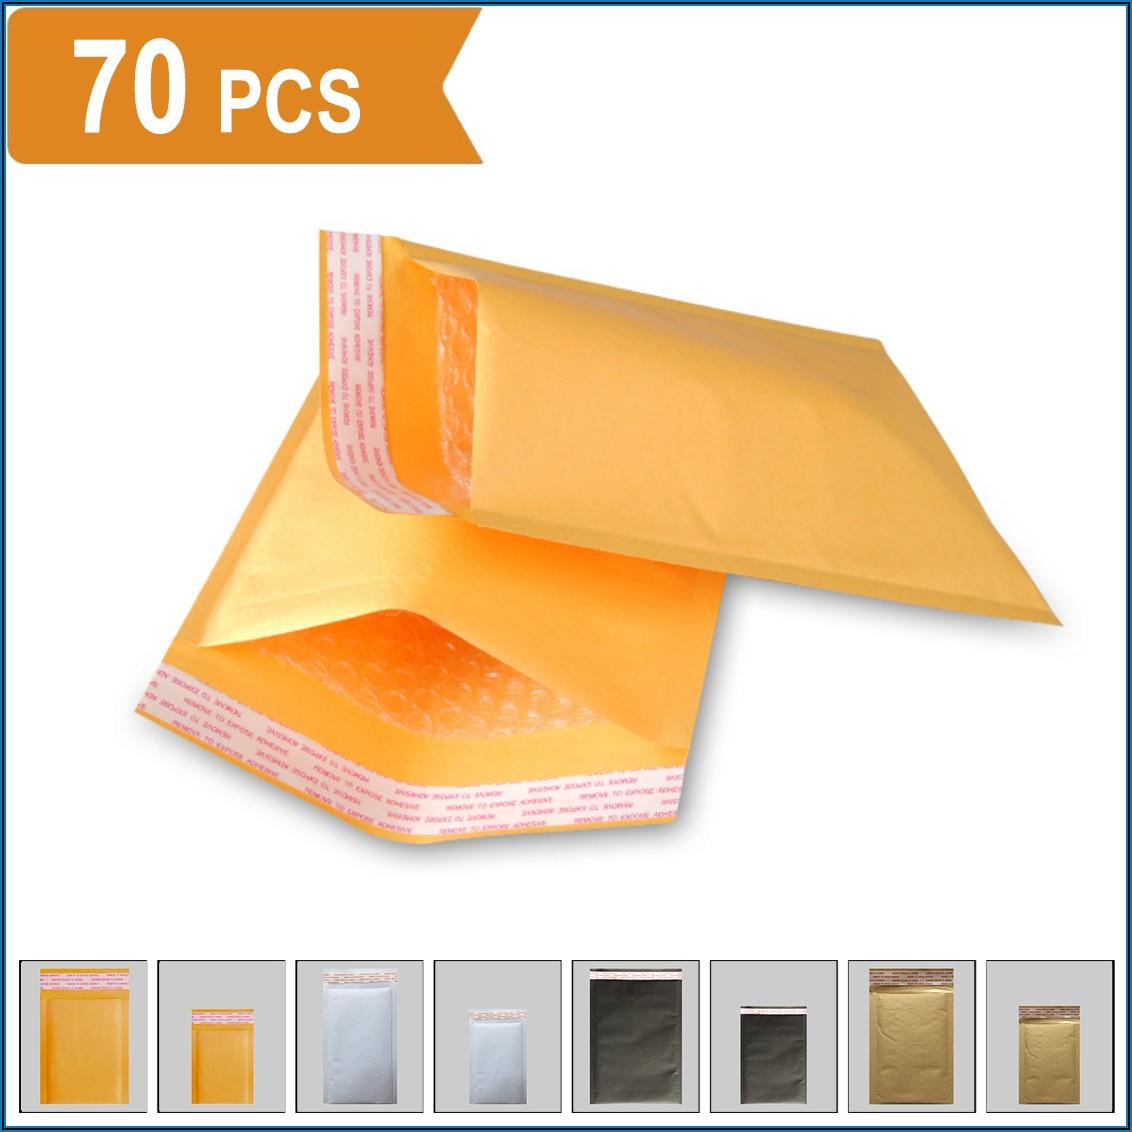 4 X 5 Padded Envelopes